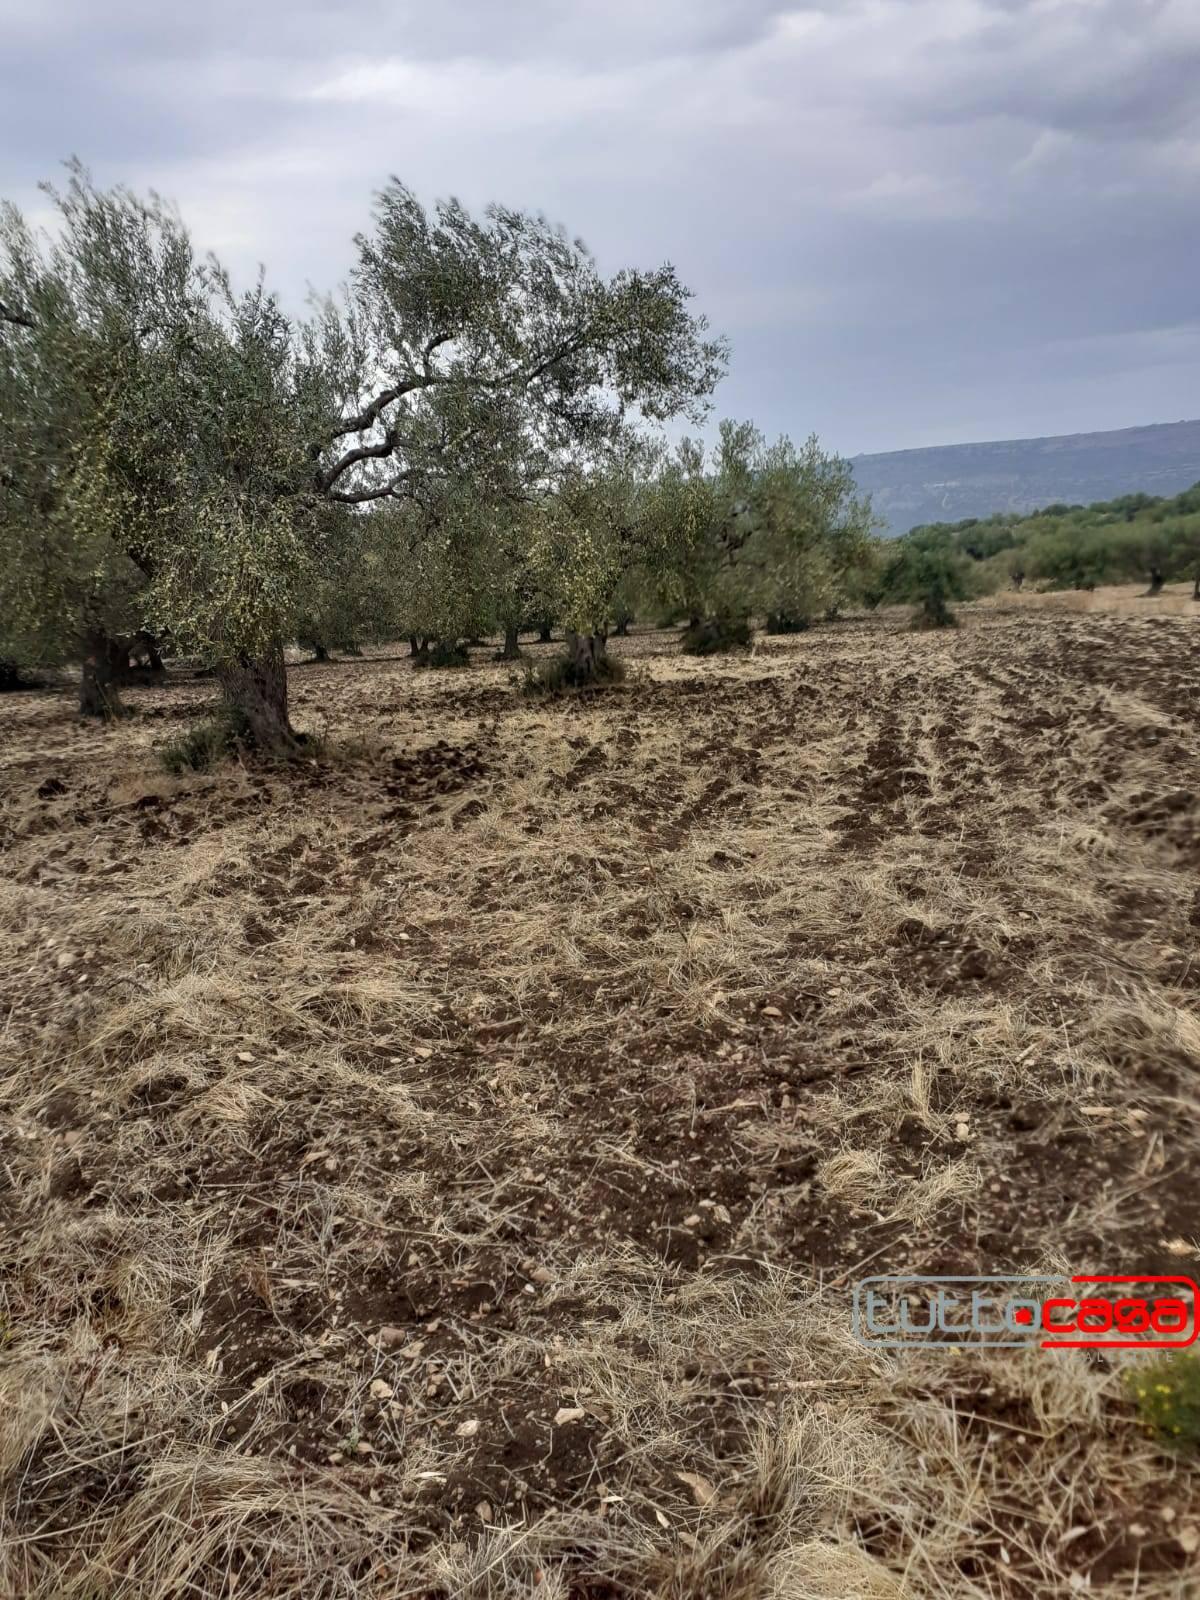 Terreno Agricolo in vendita a Scicli, 9999 locali, prezzo € 12.000 | CambioCasa.it